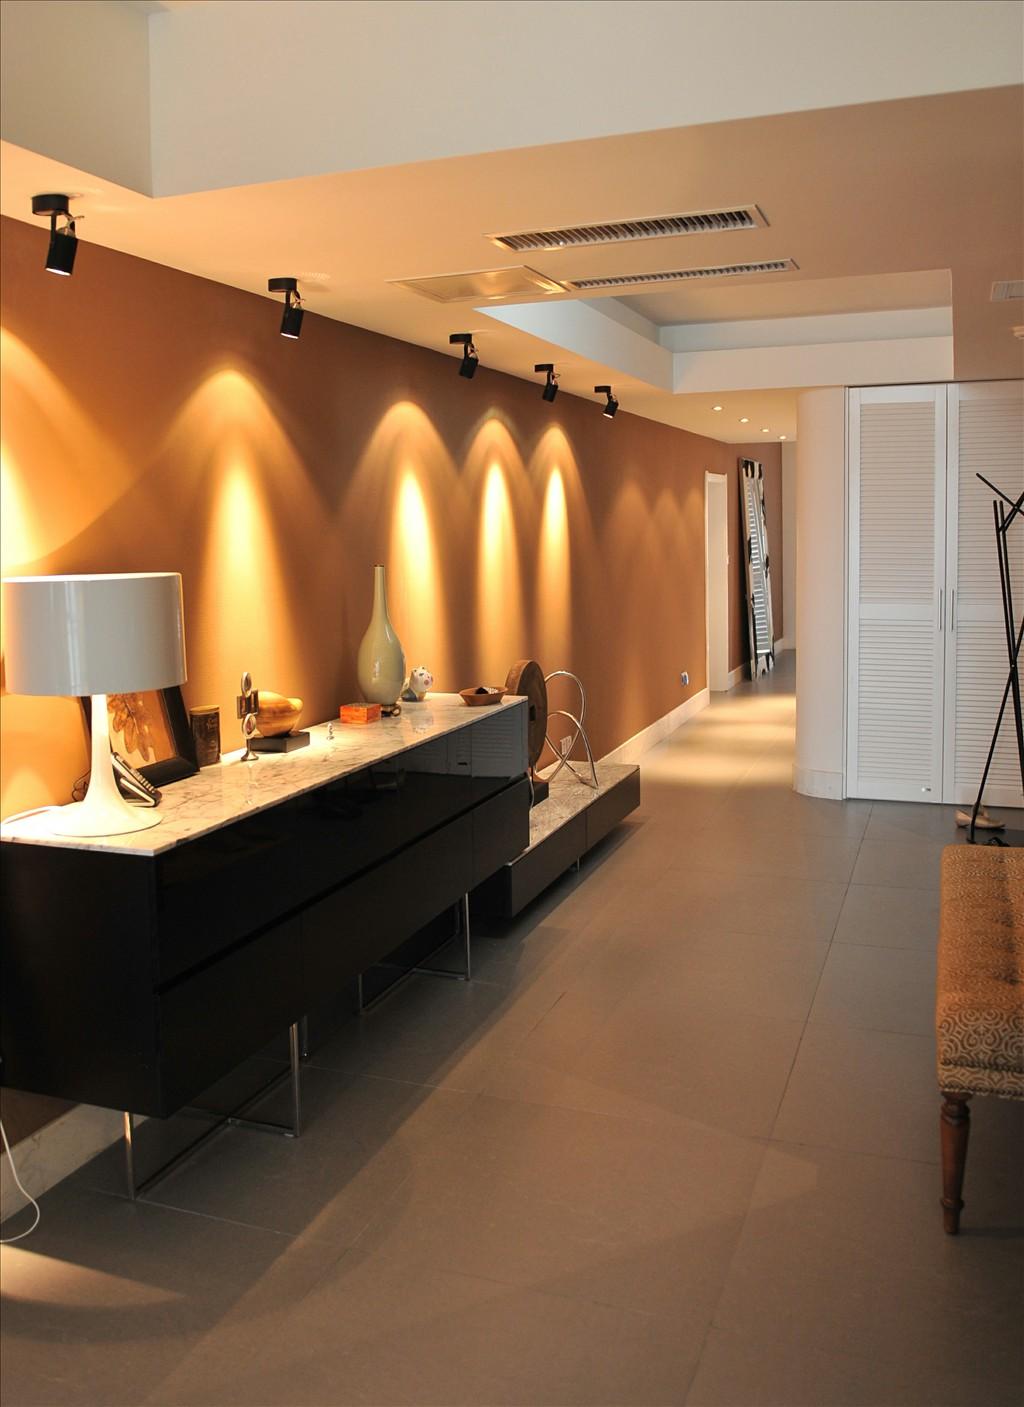 蓝堡湾 跃式装修 装修公司 大业美家 装饰公司 卧室图片来自158xxxx9432在蓝堡湾270平方舒适大宅装修案例的分享